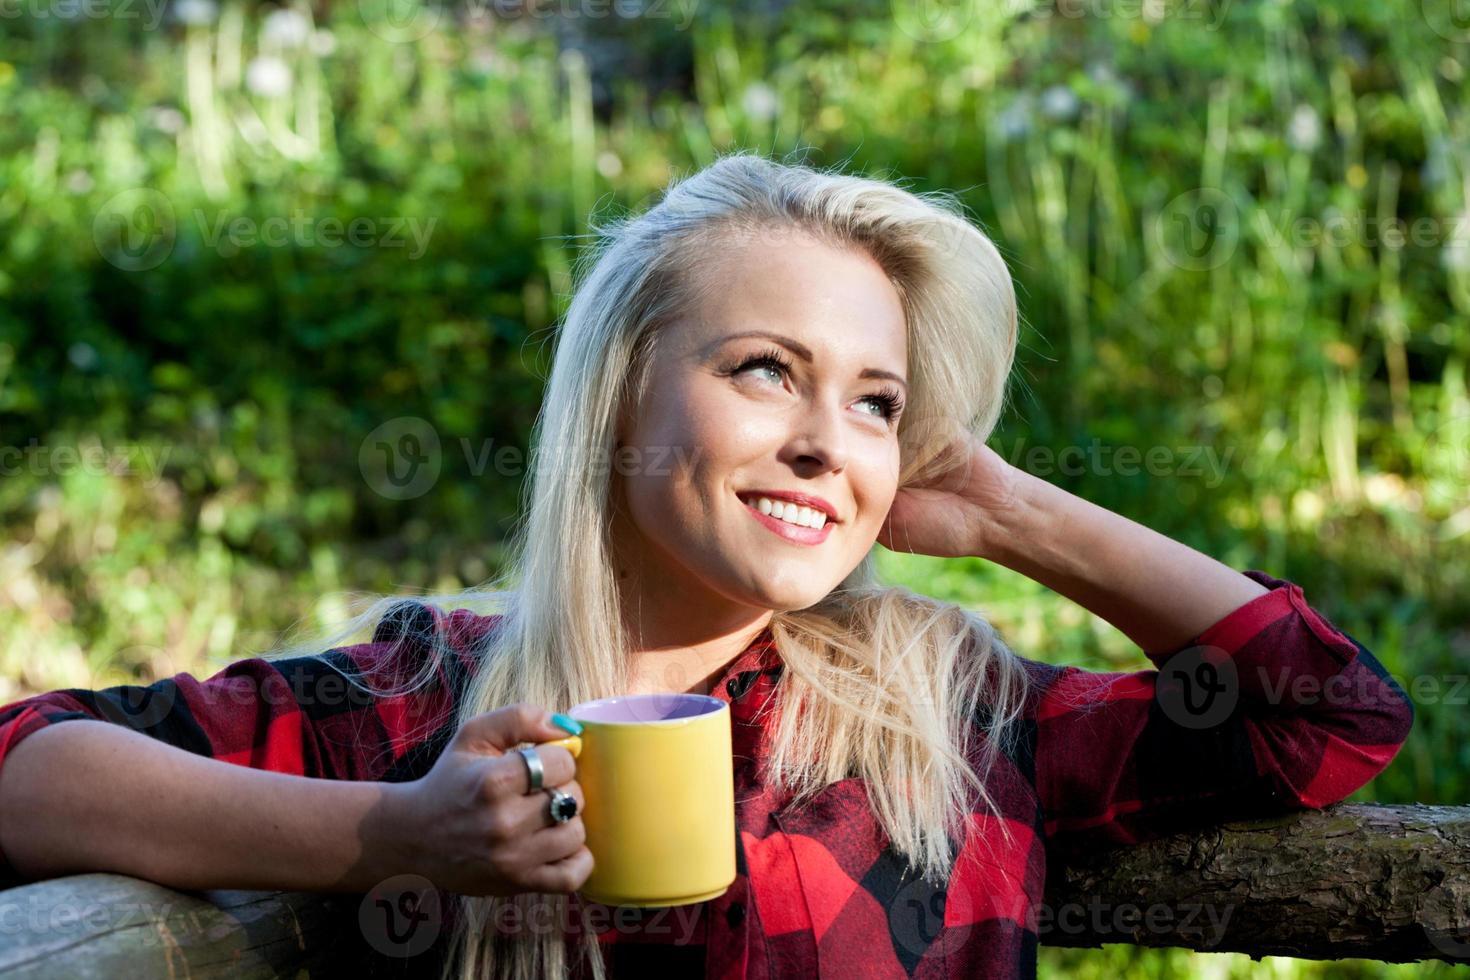 mooi land blond meisje drinken foto